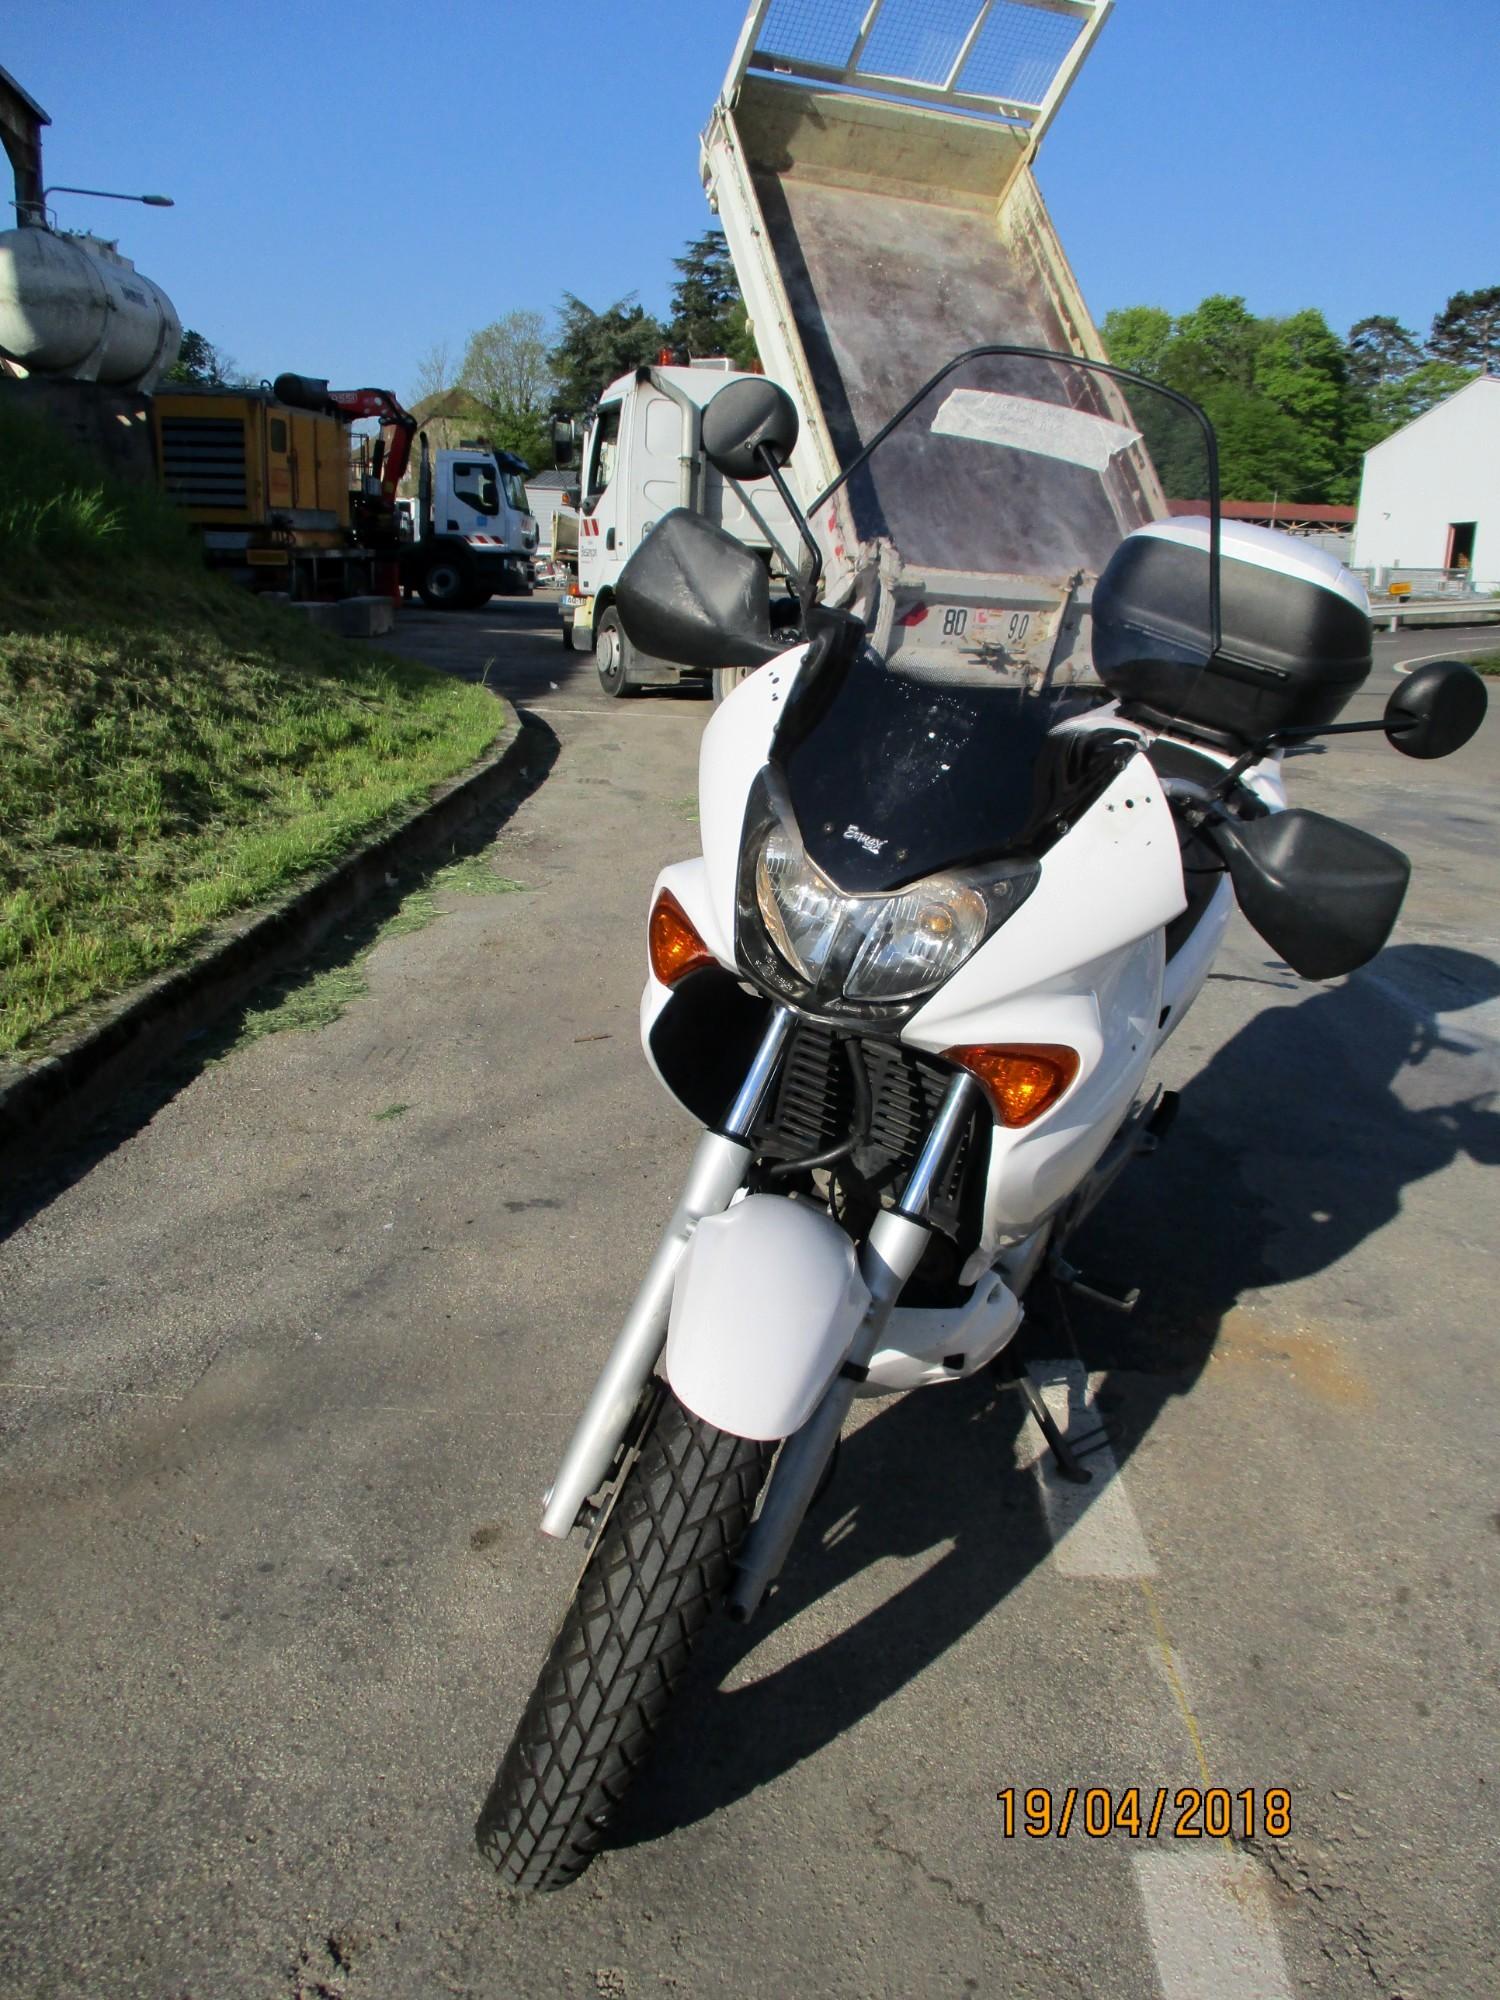 moto honda 125cm3 par 0962 moto scooter 2 roues d 39 occasion aux ench res agorastore. Black Bedroom Furniture Sets. Home Design Ideas